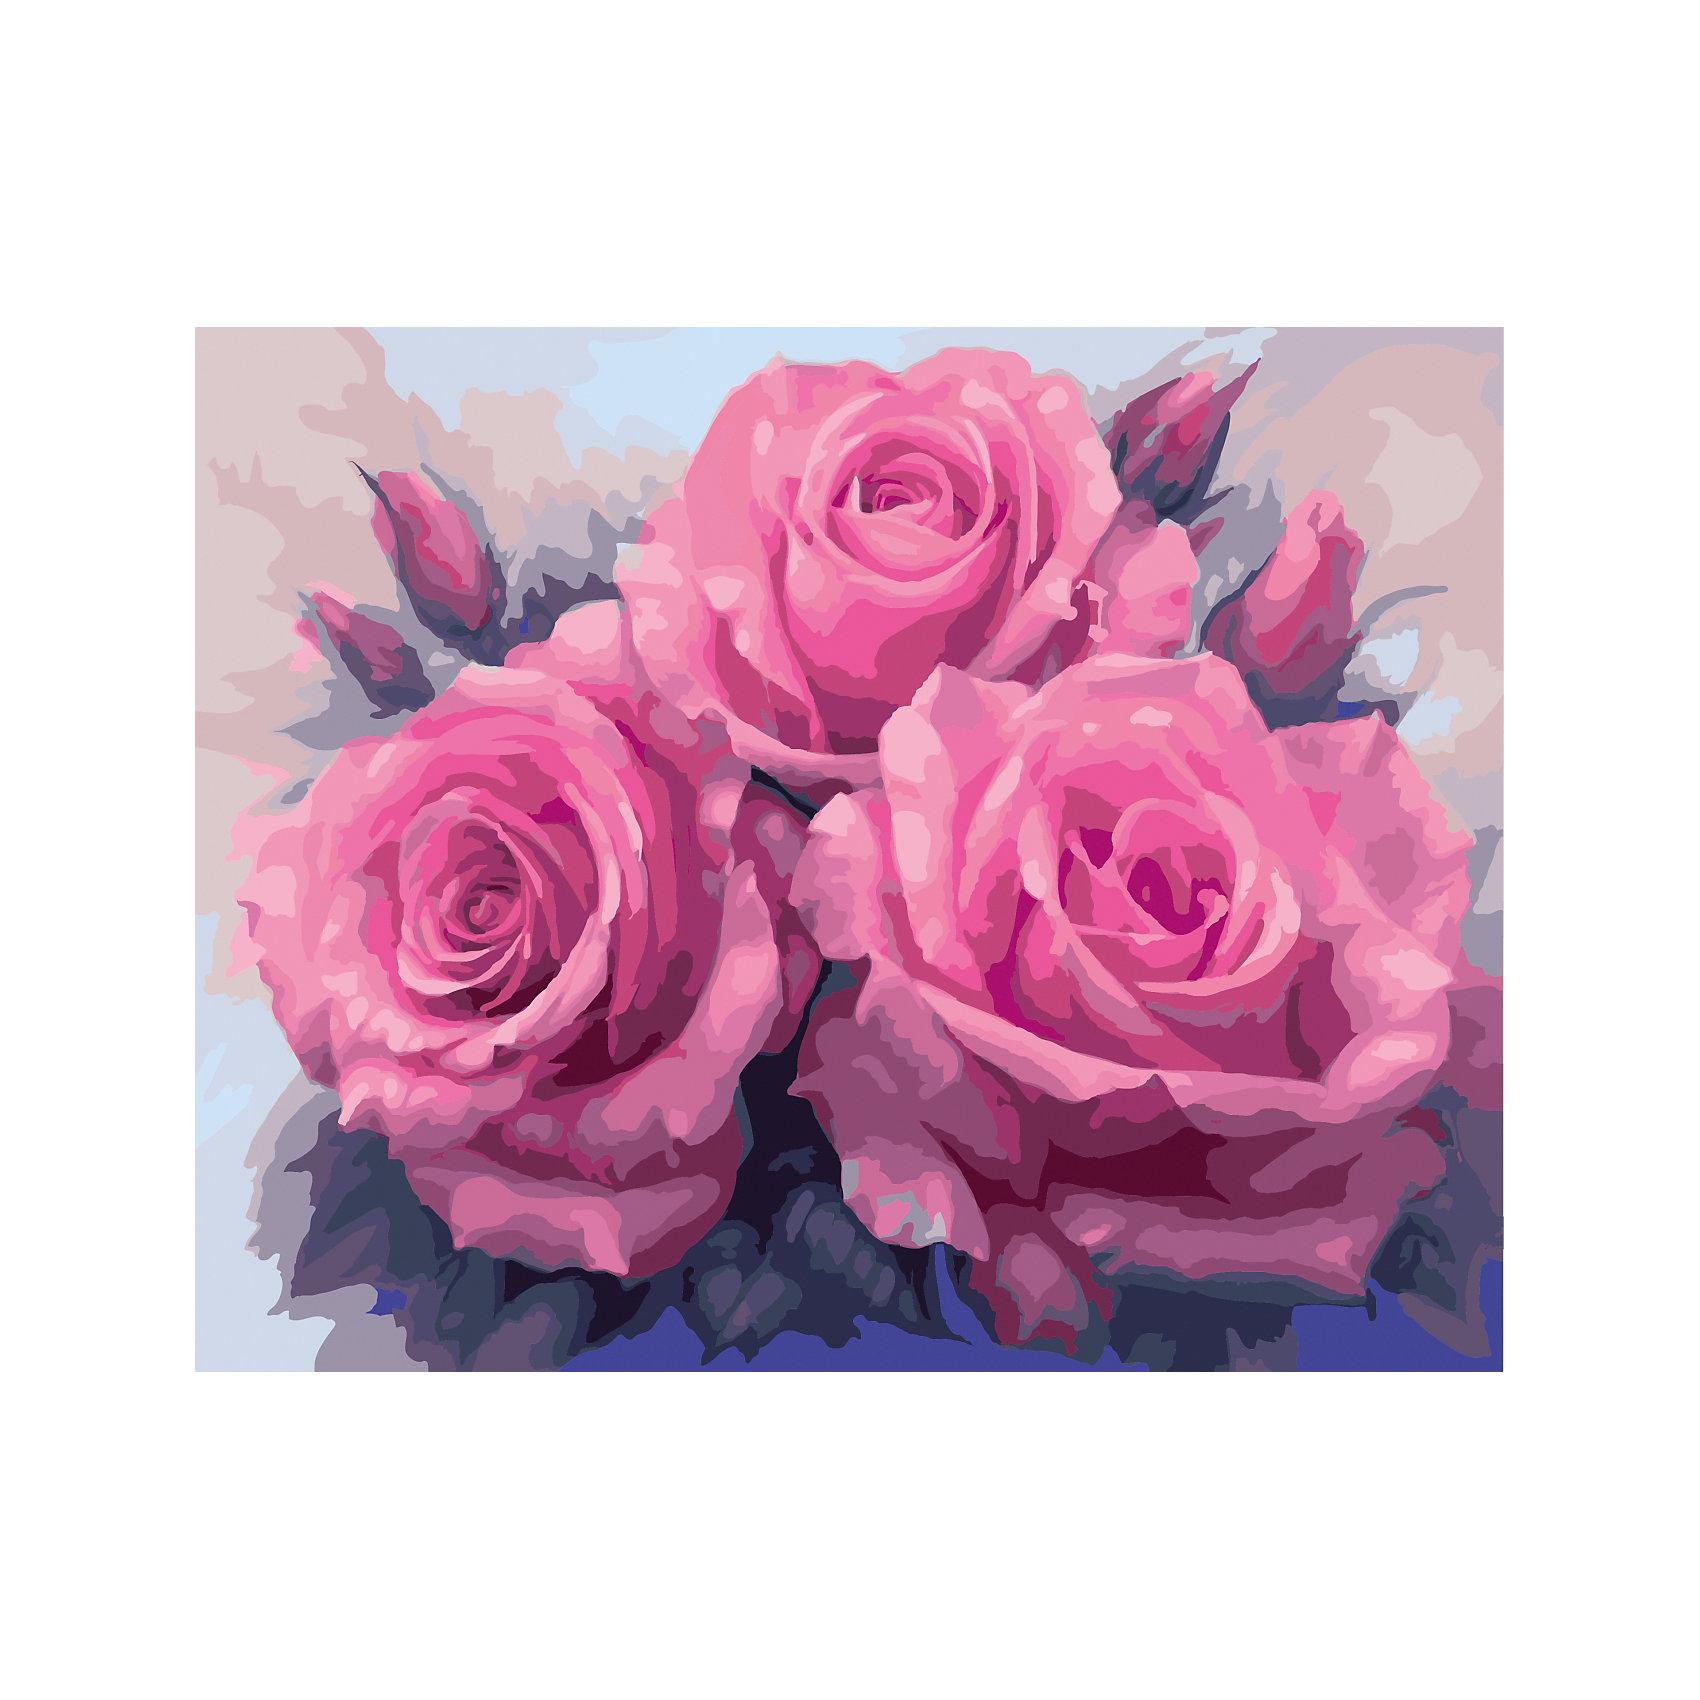 TUKZAR Роспись по номерам Нежно-розовые розы 40*50 см наборы для рисования цветной картины по номерам белые розы